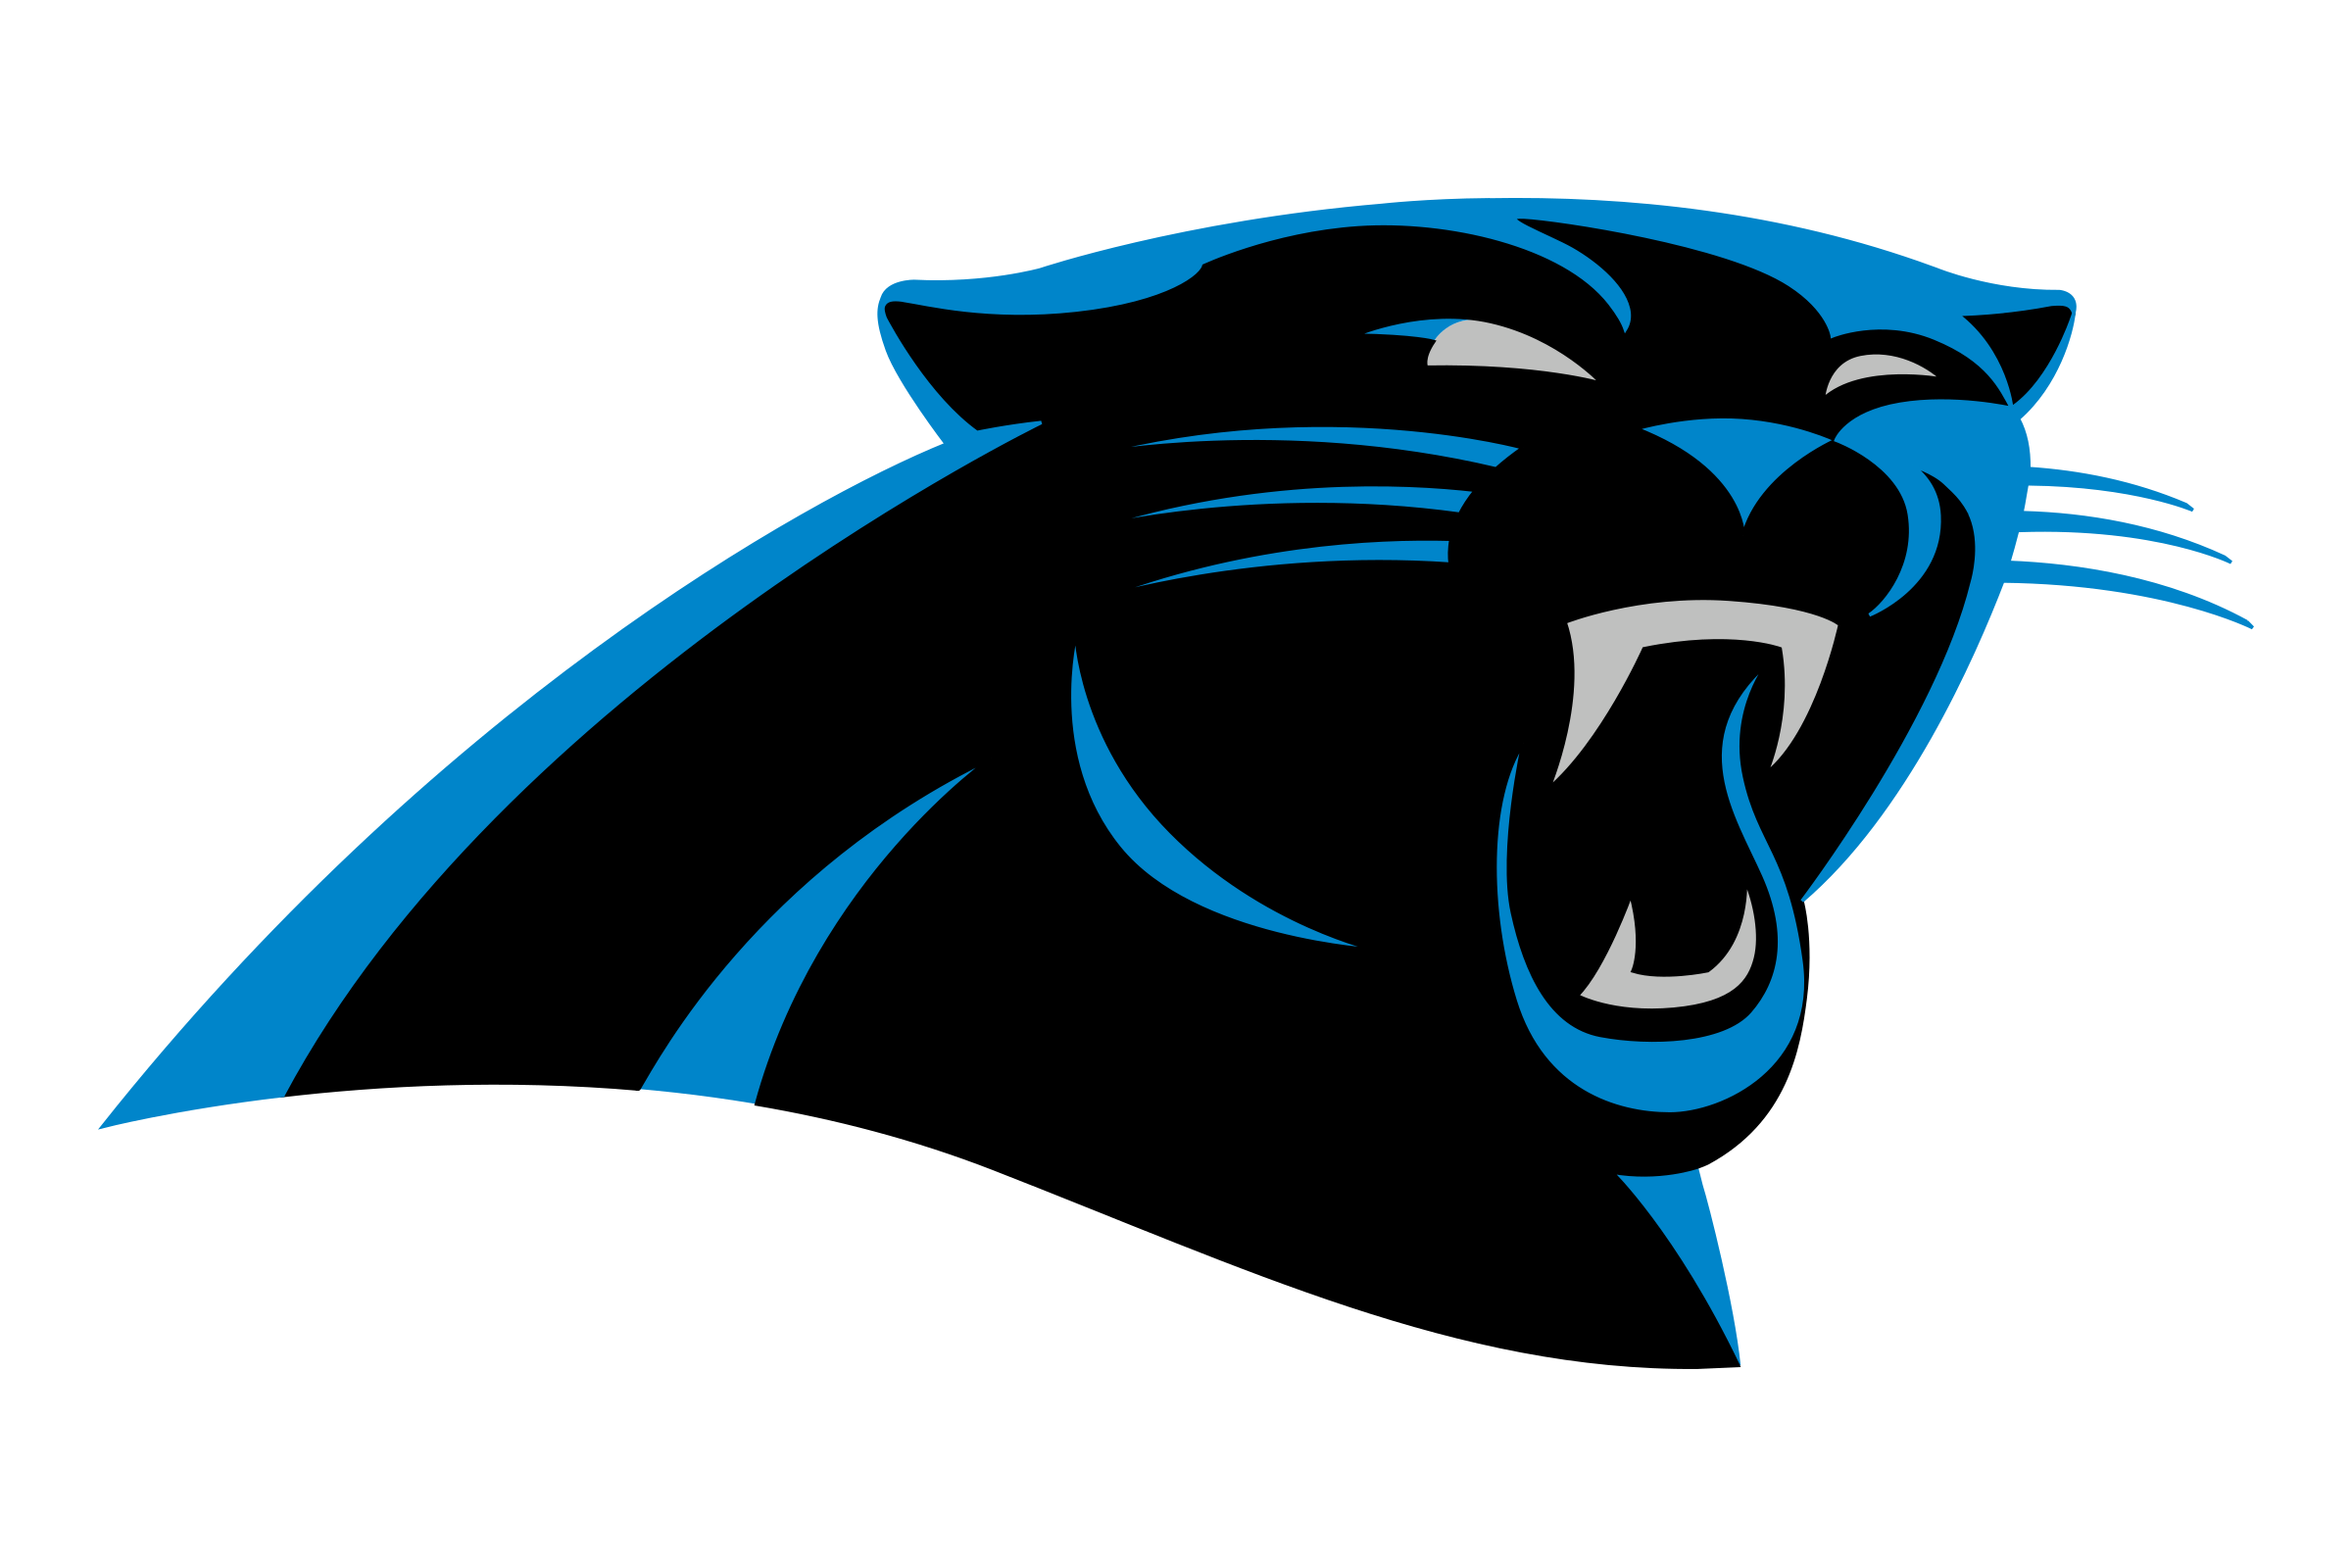 Carolina Panthers Logo PNG Transparent & SVG Vector.